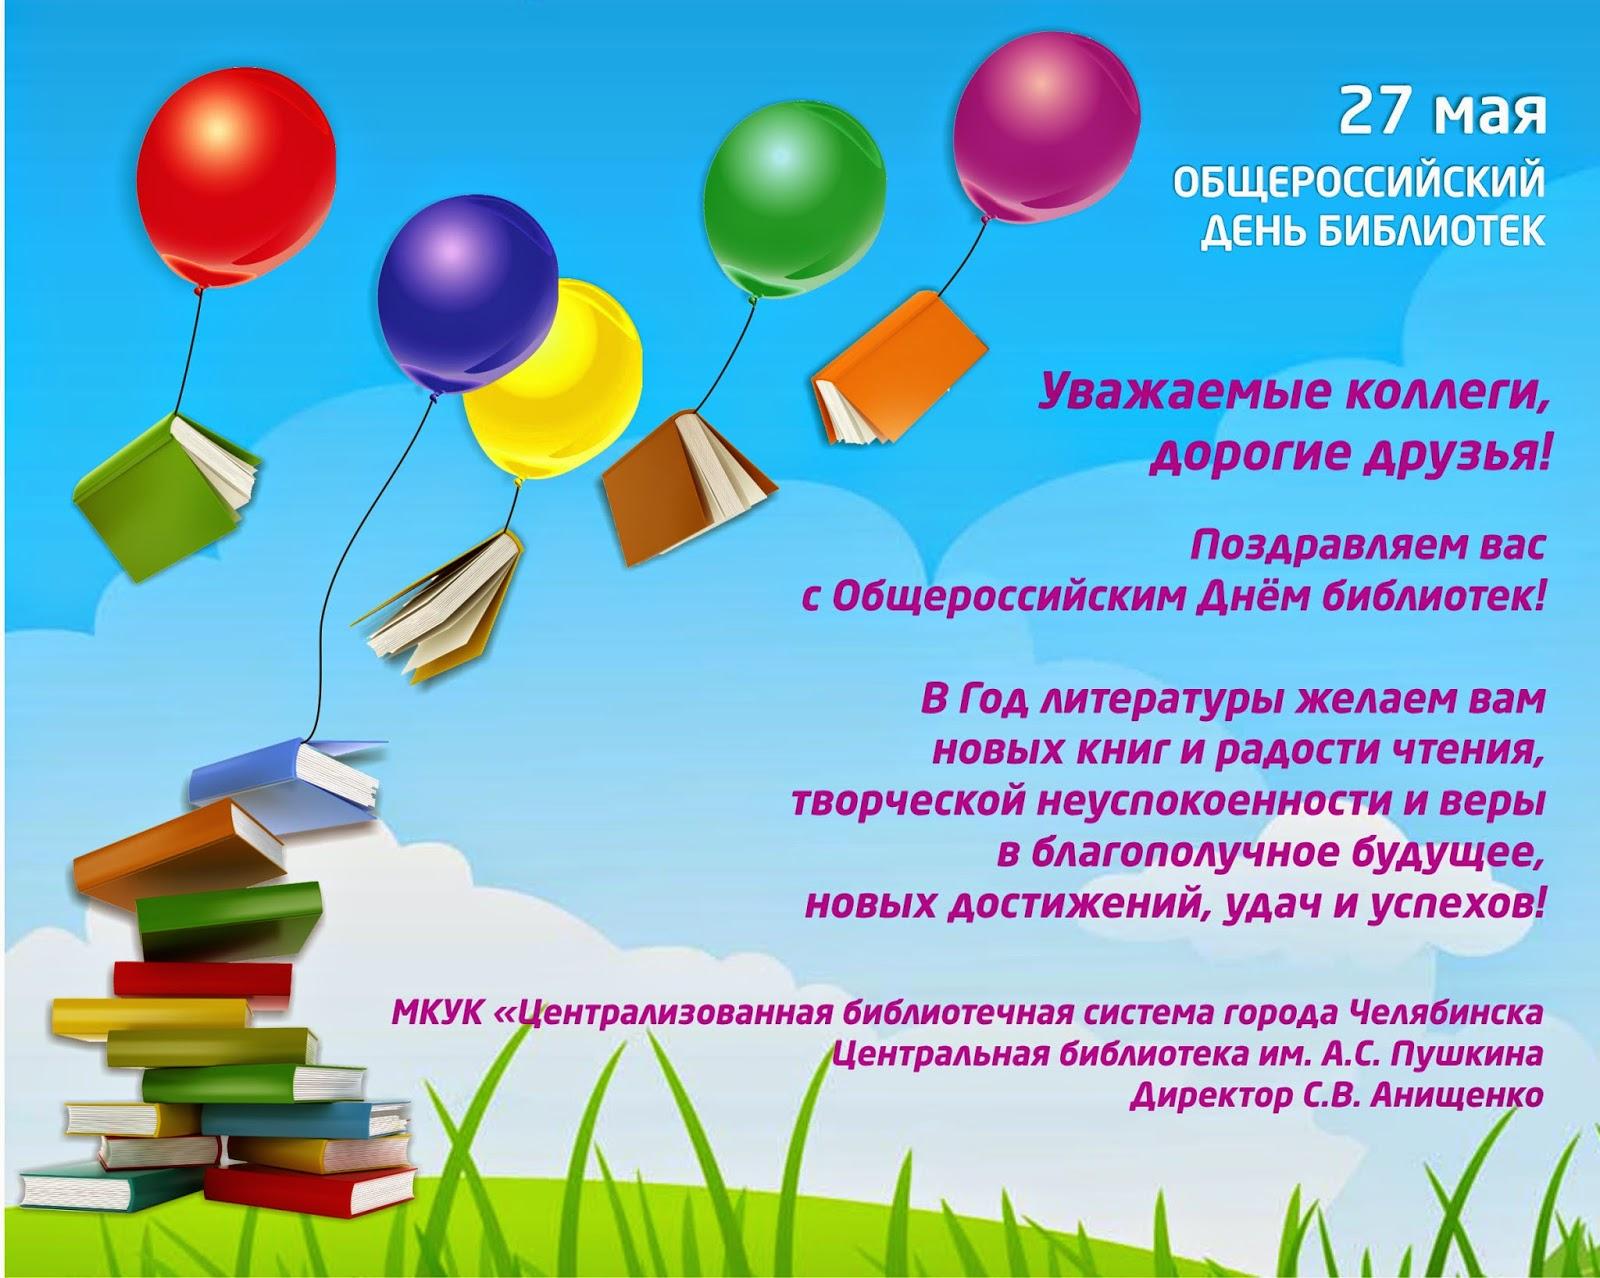 Поздравление на день библиотекаря креативно